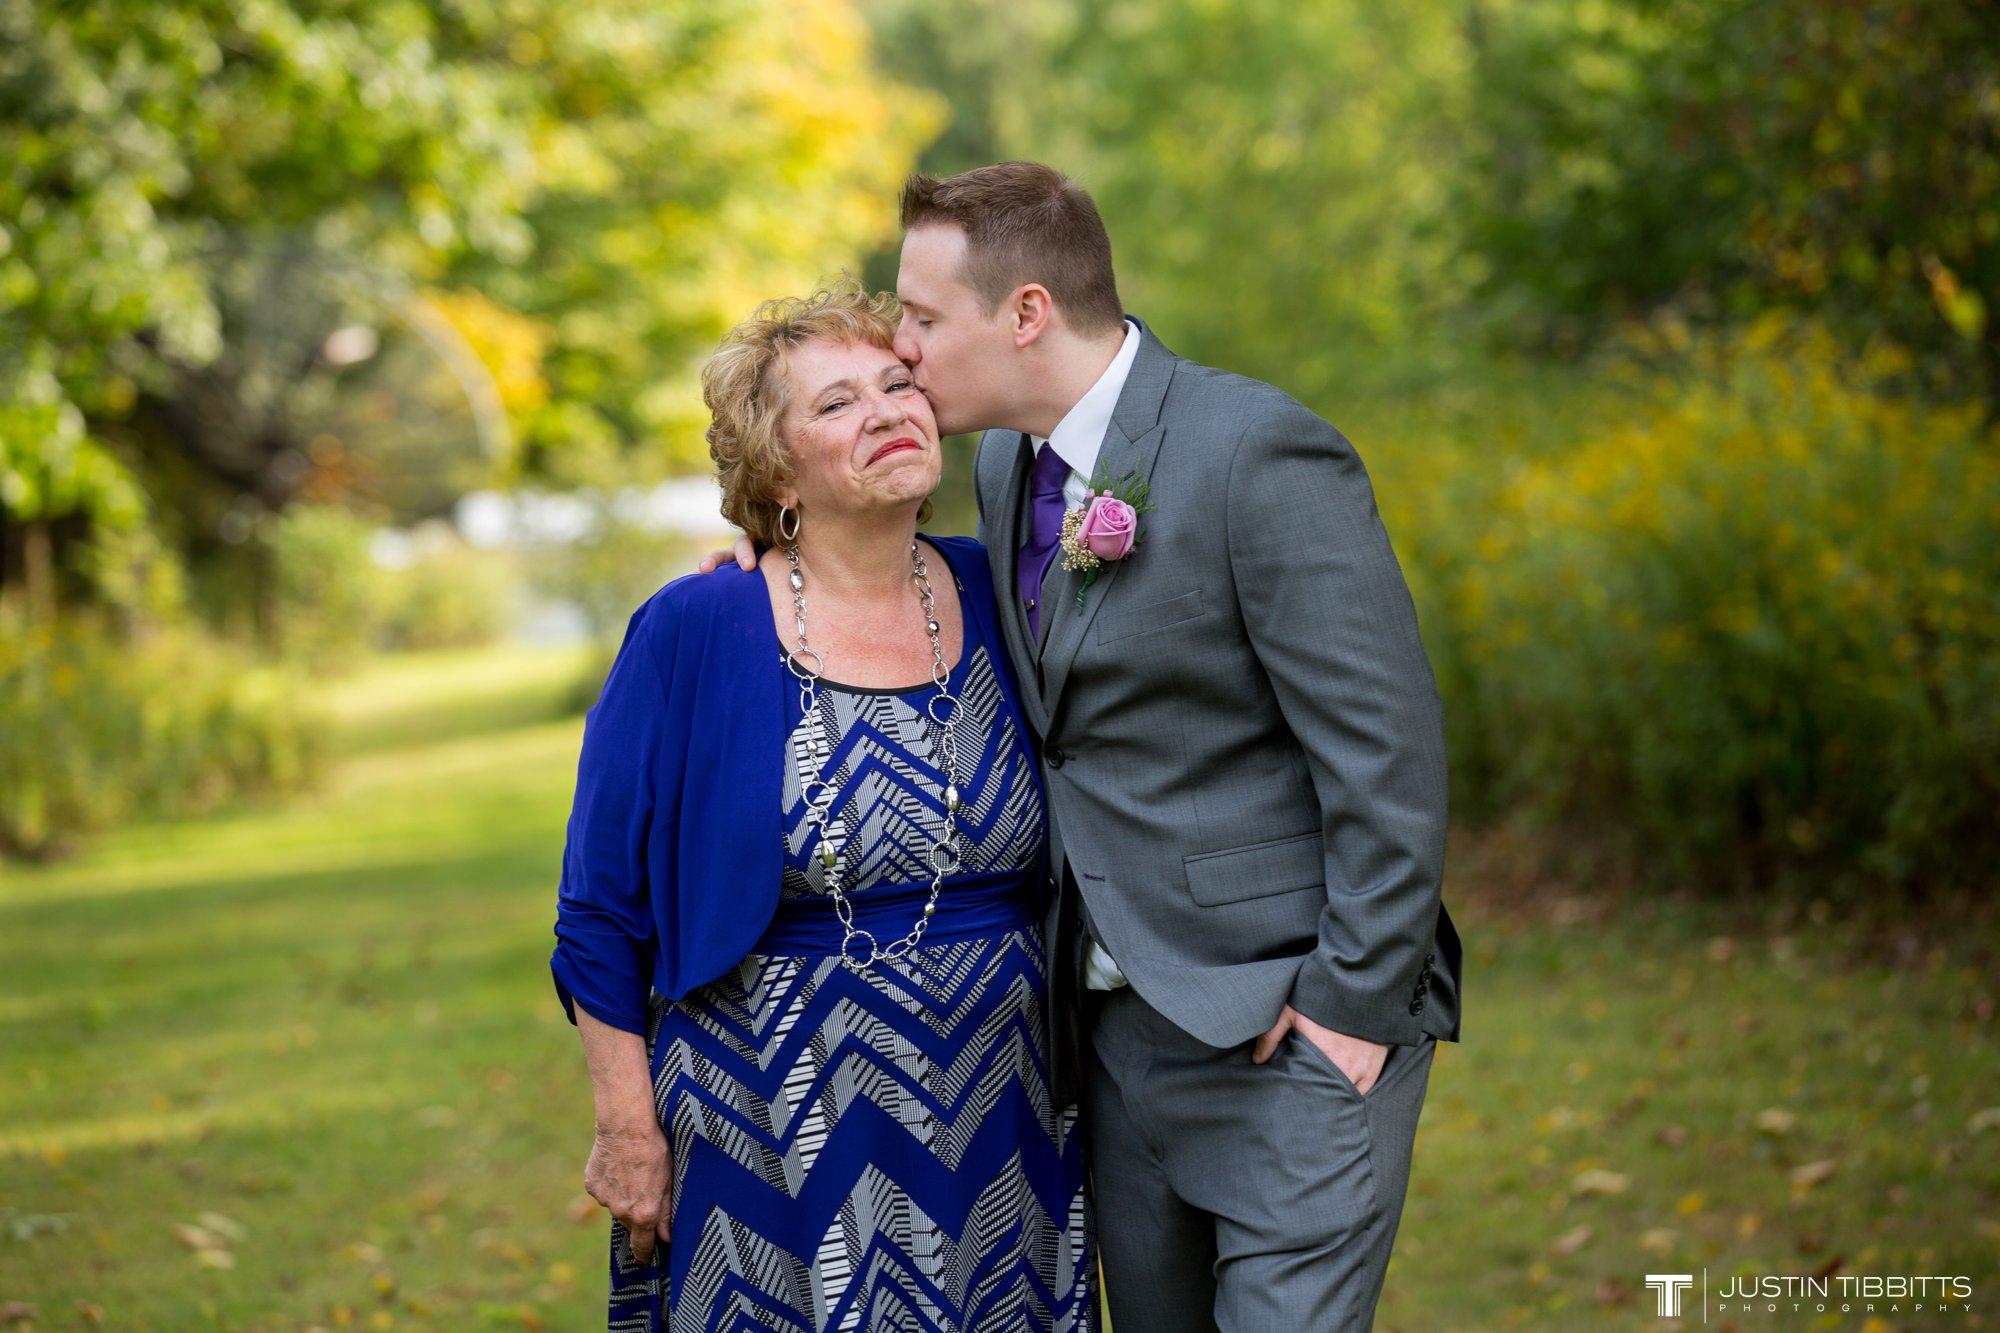 Justin Tibbitts Photography Rob and Brittany's Averill Park, NY Wedding_0394